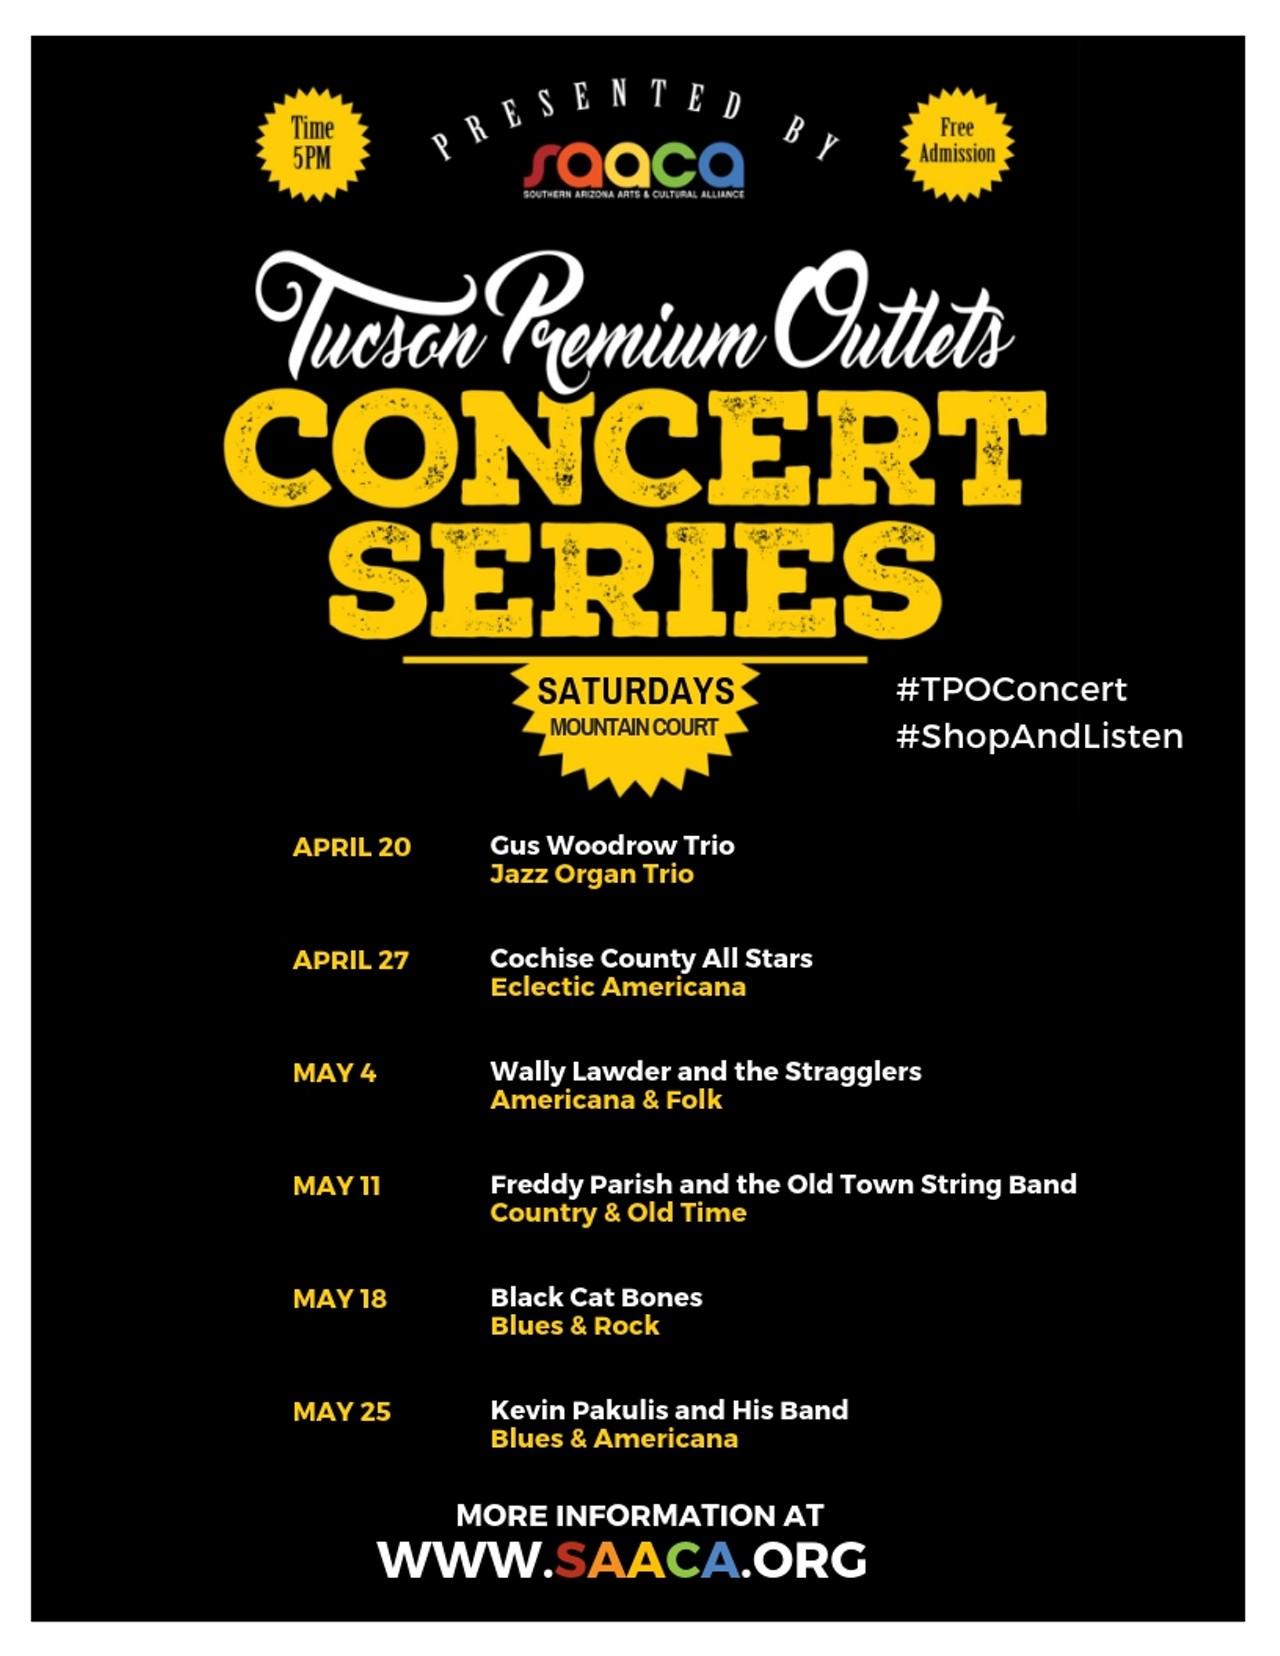 f7c6a7d06b9ac Tucson Premium Outlets Concert Series